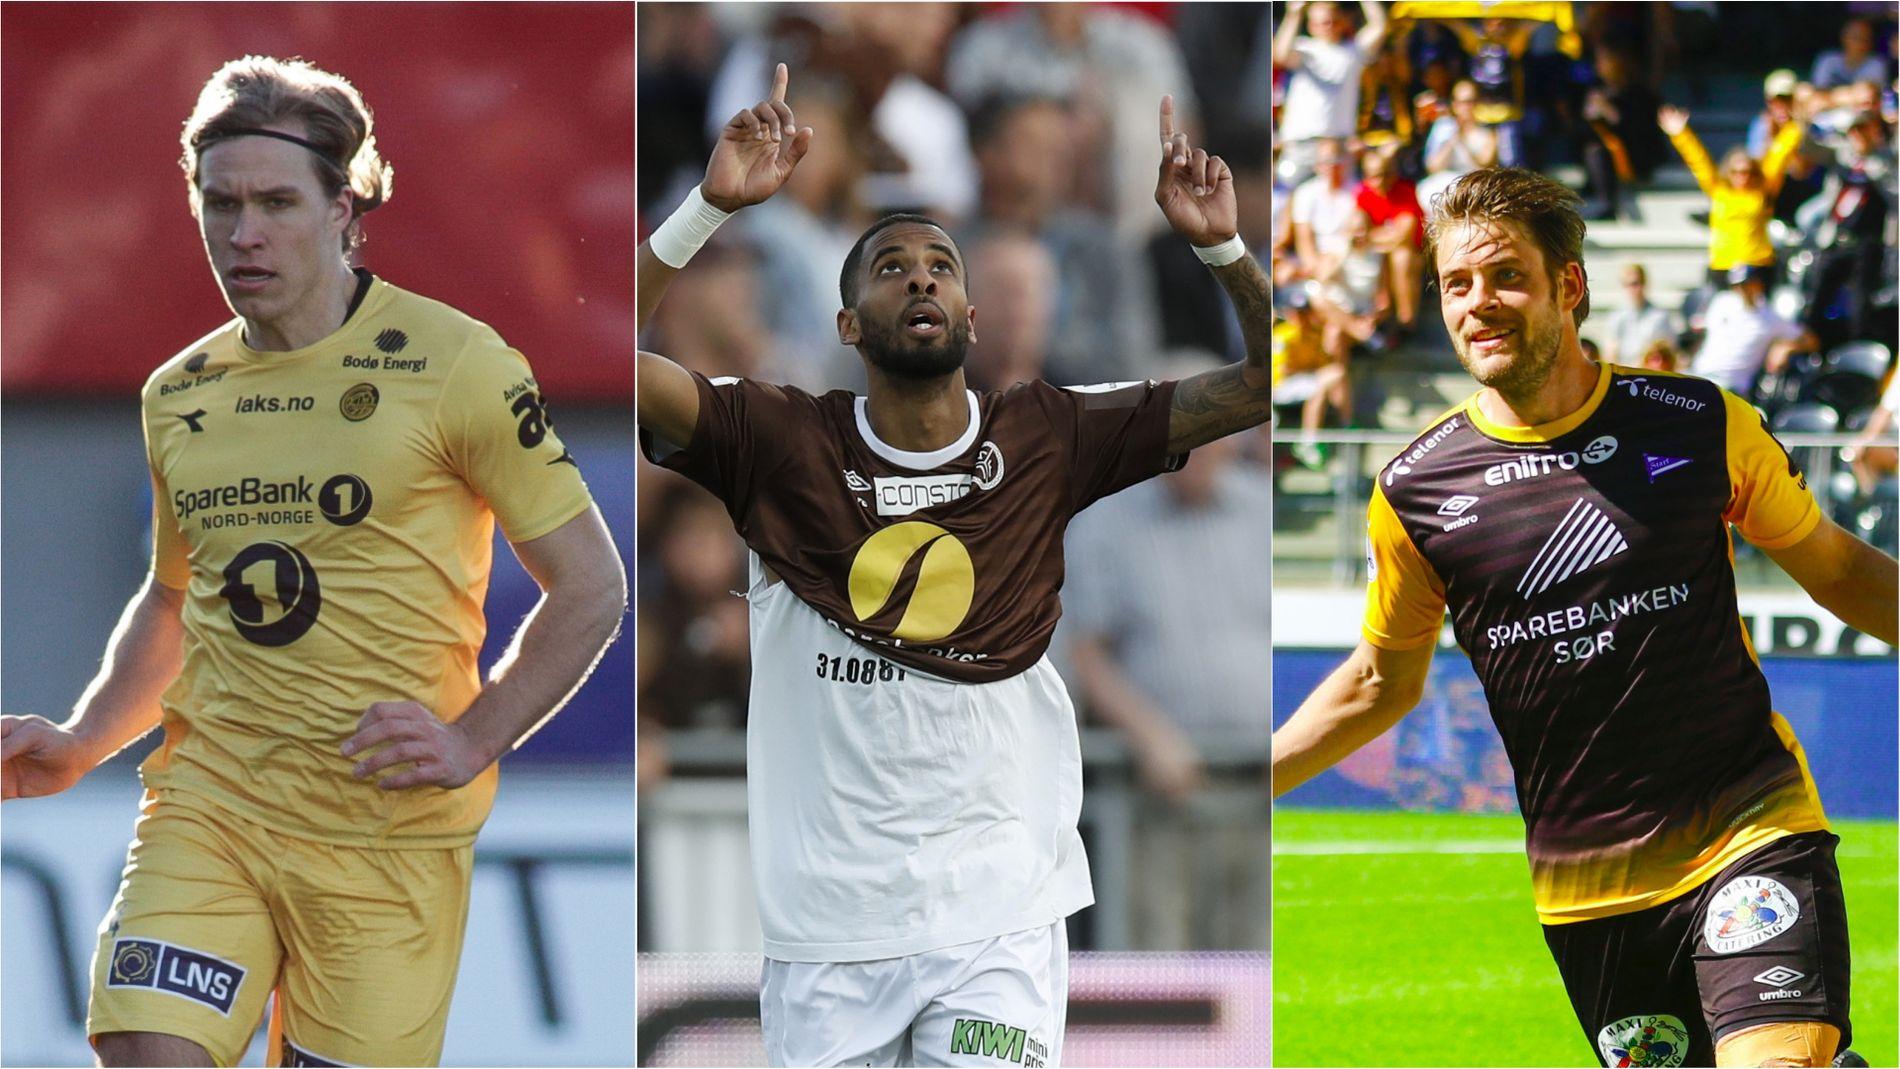 STEGET OPP? Bodø/Glimts Martin Bjørnbak, Mjøndalens Amahl Pellegrino og Starts Espen Børufsen nevnes som tre av de beste spillerne i OBOS-ligaen. Kanskje kan de ta steget opp i Eliteserien i sommer.